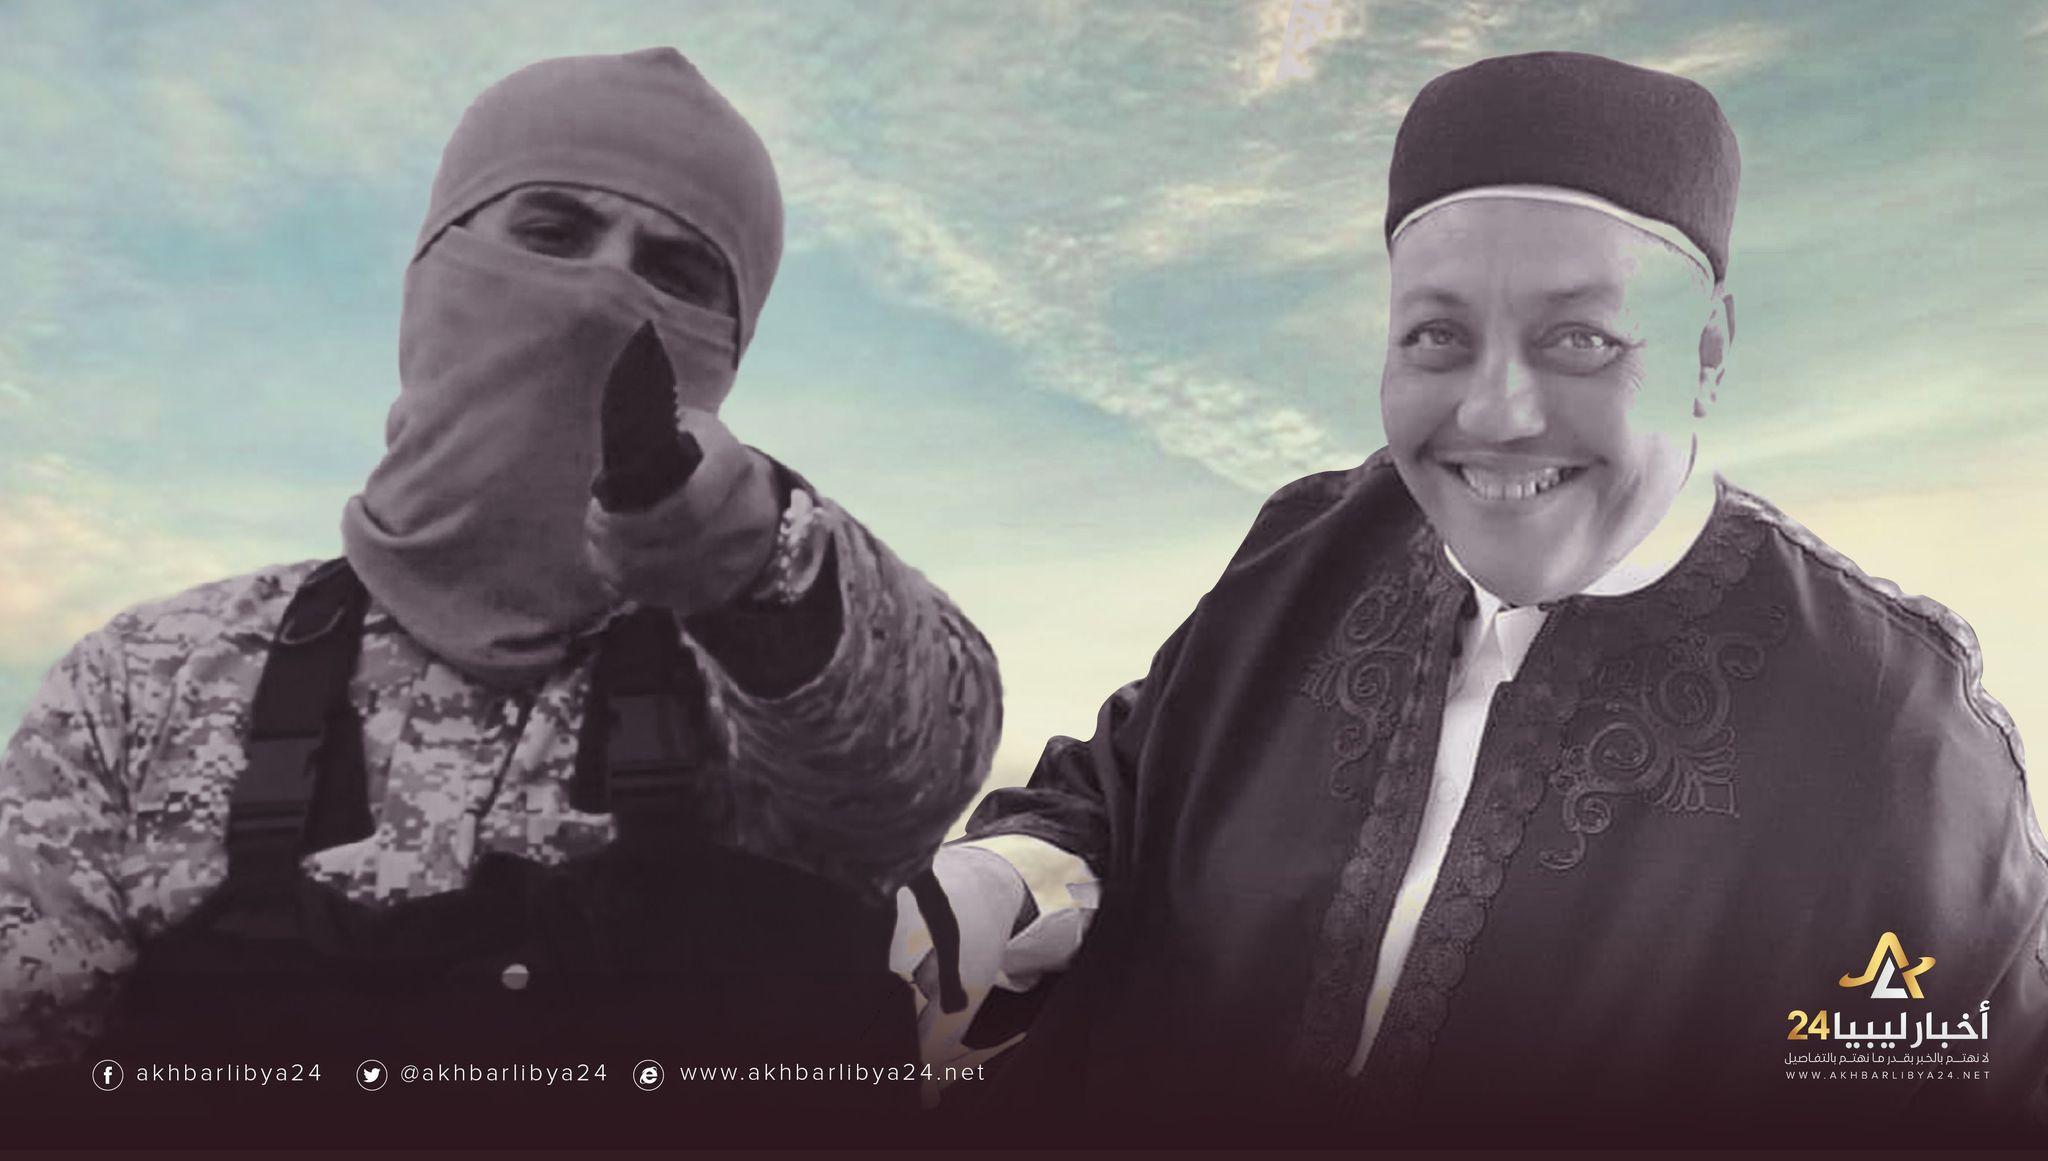 صورة الشيخ الجعفري.. توفي بعد إصابته بأمراض خطيرة بسبب جرائم المتطرفين